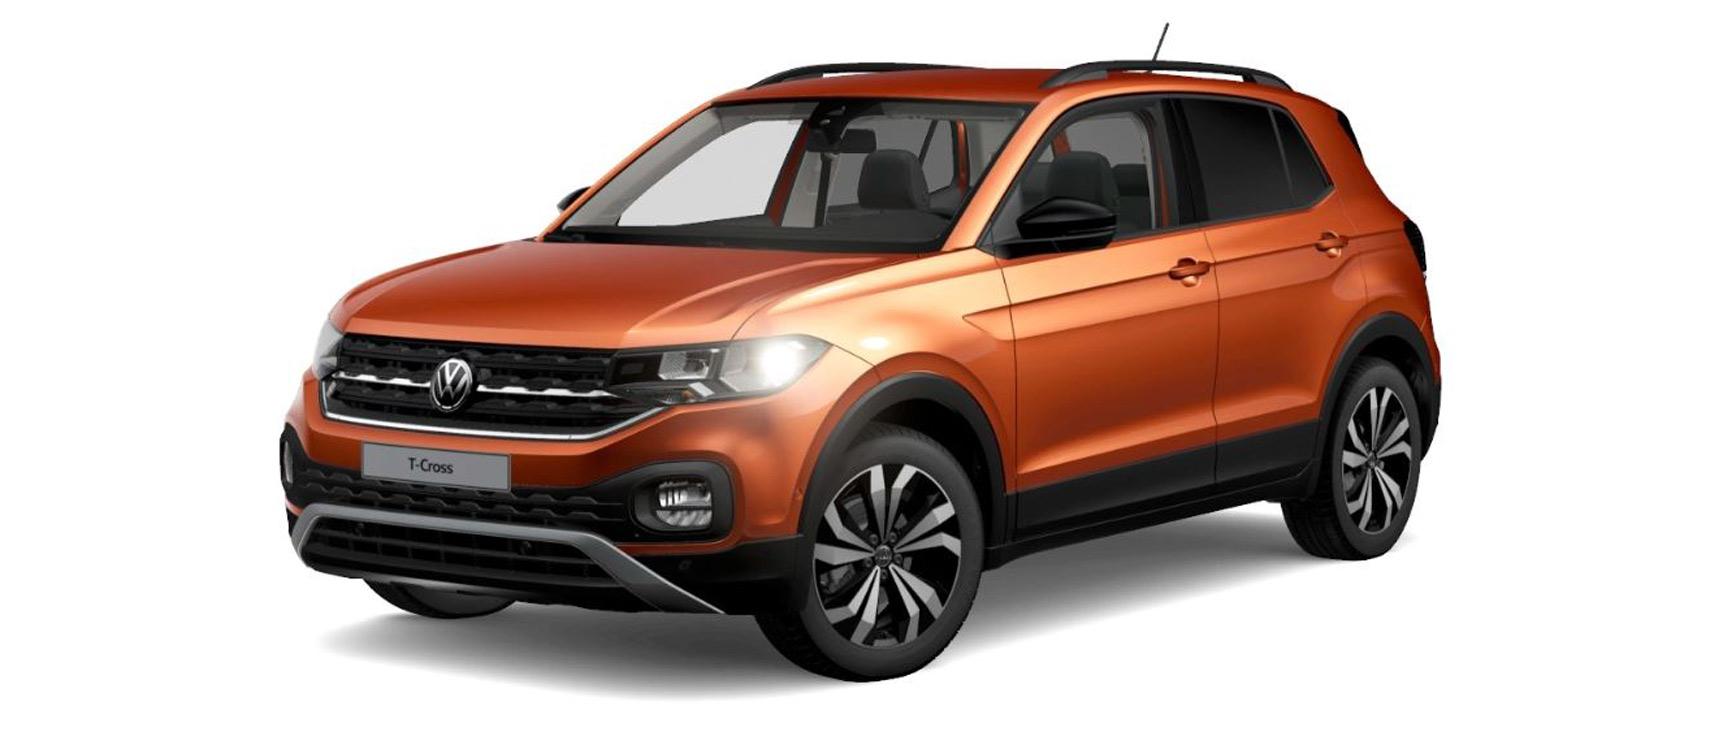 """Mit 110 PS, 17-Zoll-Felgen und in der Farbe """"Energetic Orange Metallic"""": so präsentiert sich unser VW T-Cross im Konfigurator."""